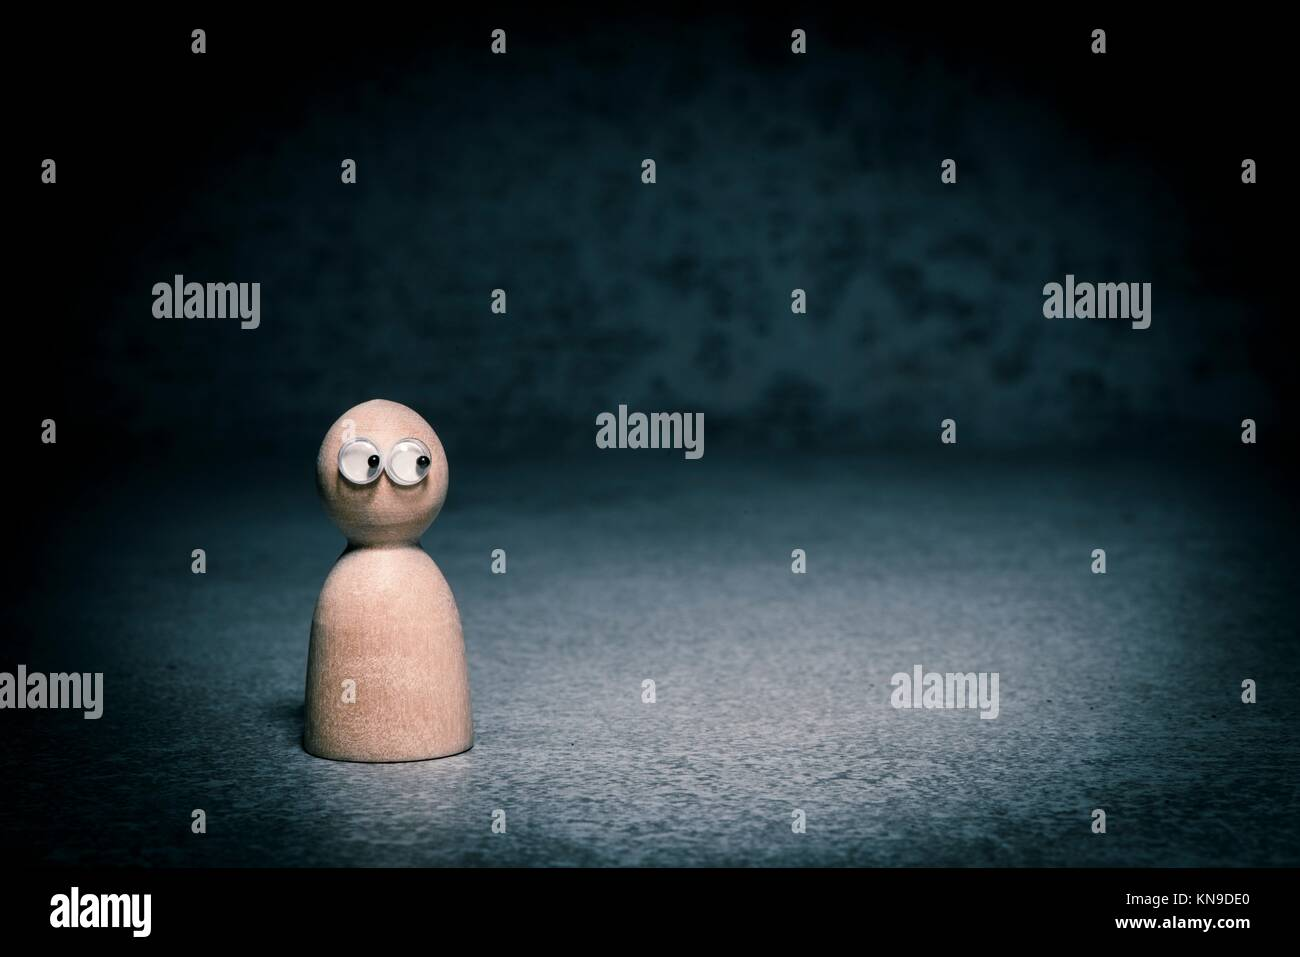 Símbolo de la soledad y la depresión. Pequeña figura sola en la oscuridad mirando nerviosa lateralmente. Imagen De Stock